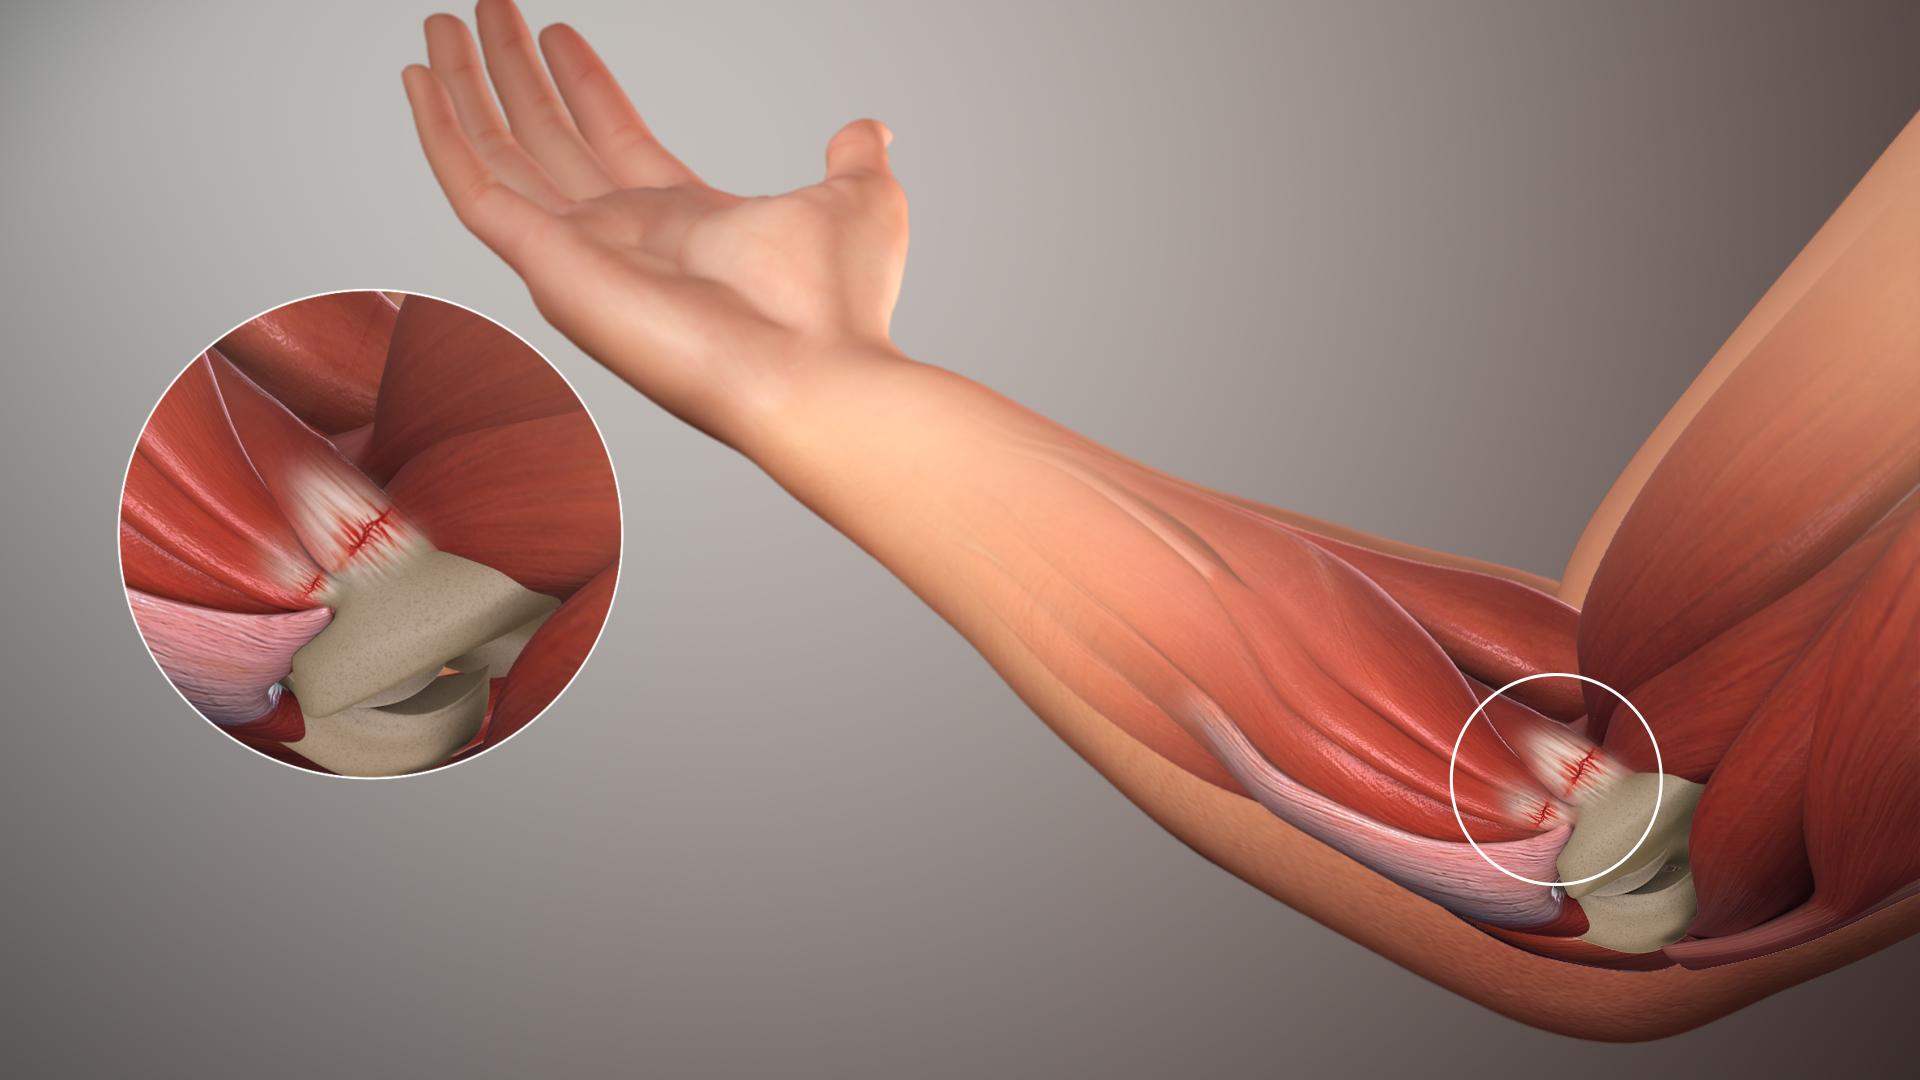 Bệnh viêm lồi cầu ngoài xương cánh tay khá phổ biến